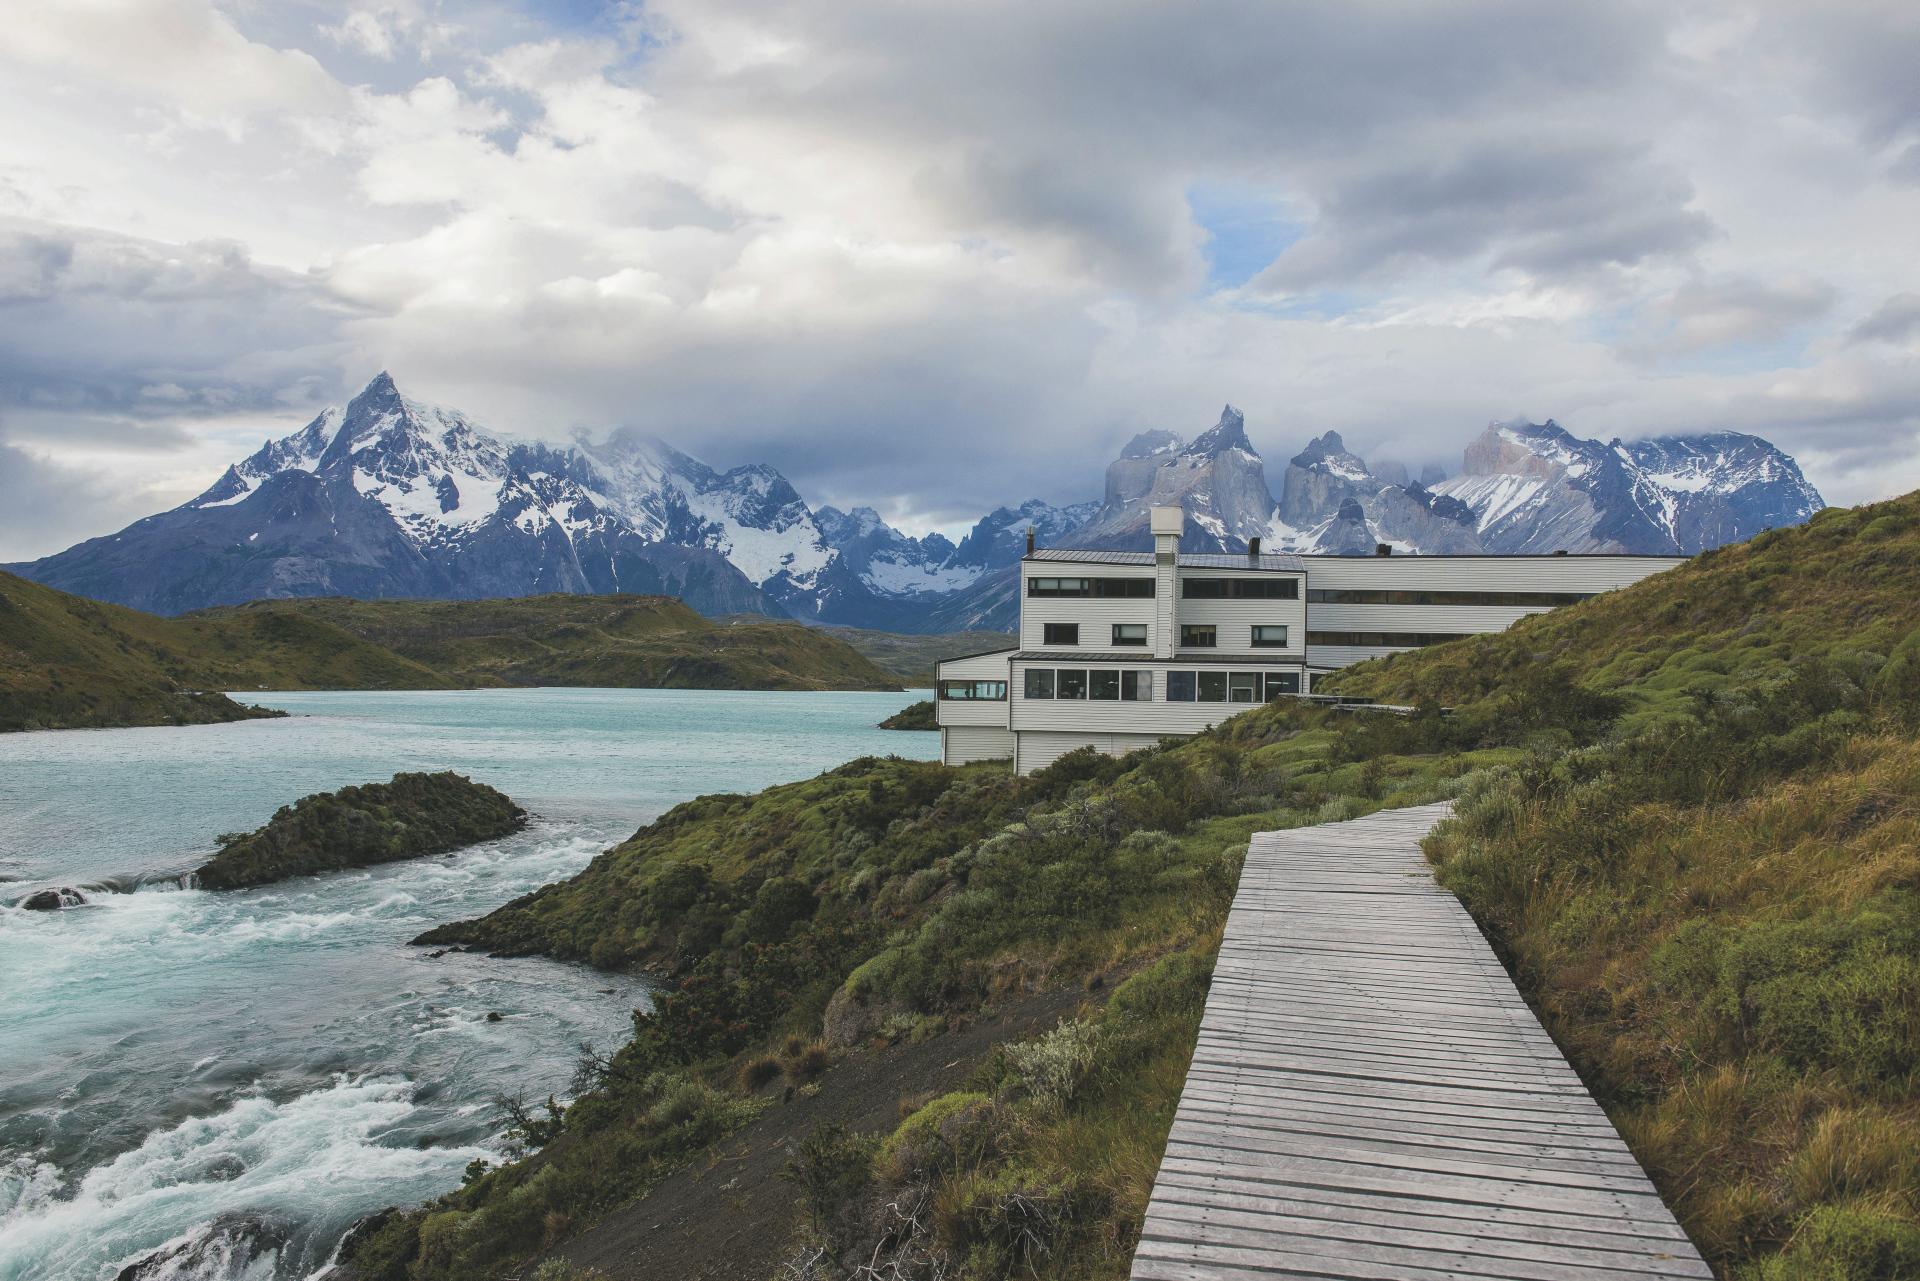 explora Patagonia, ©explora